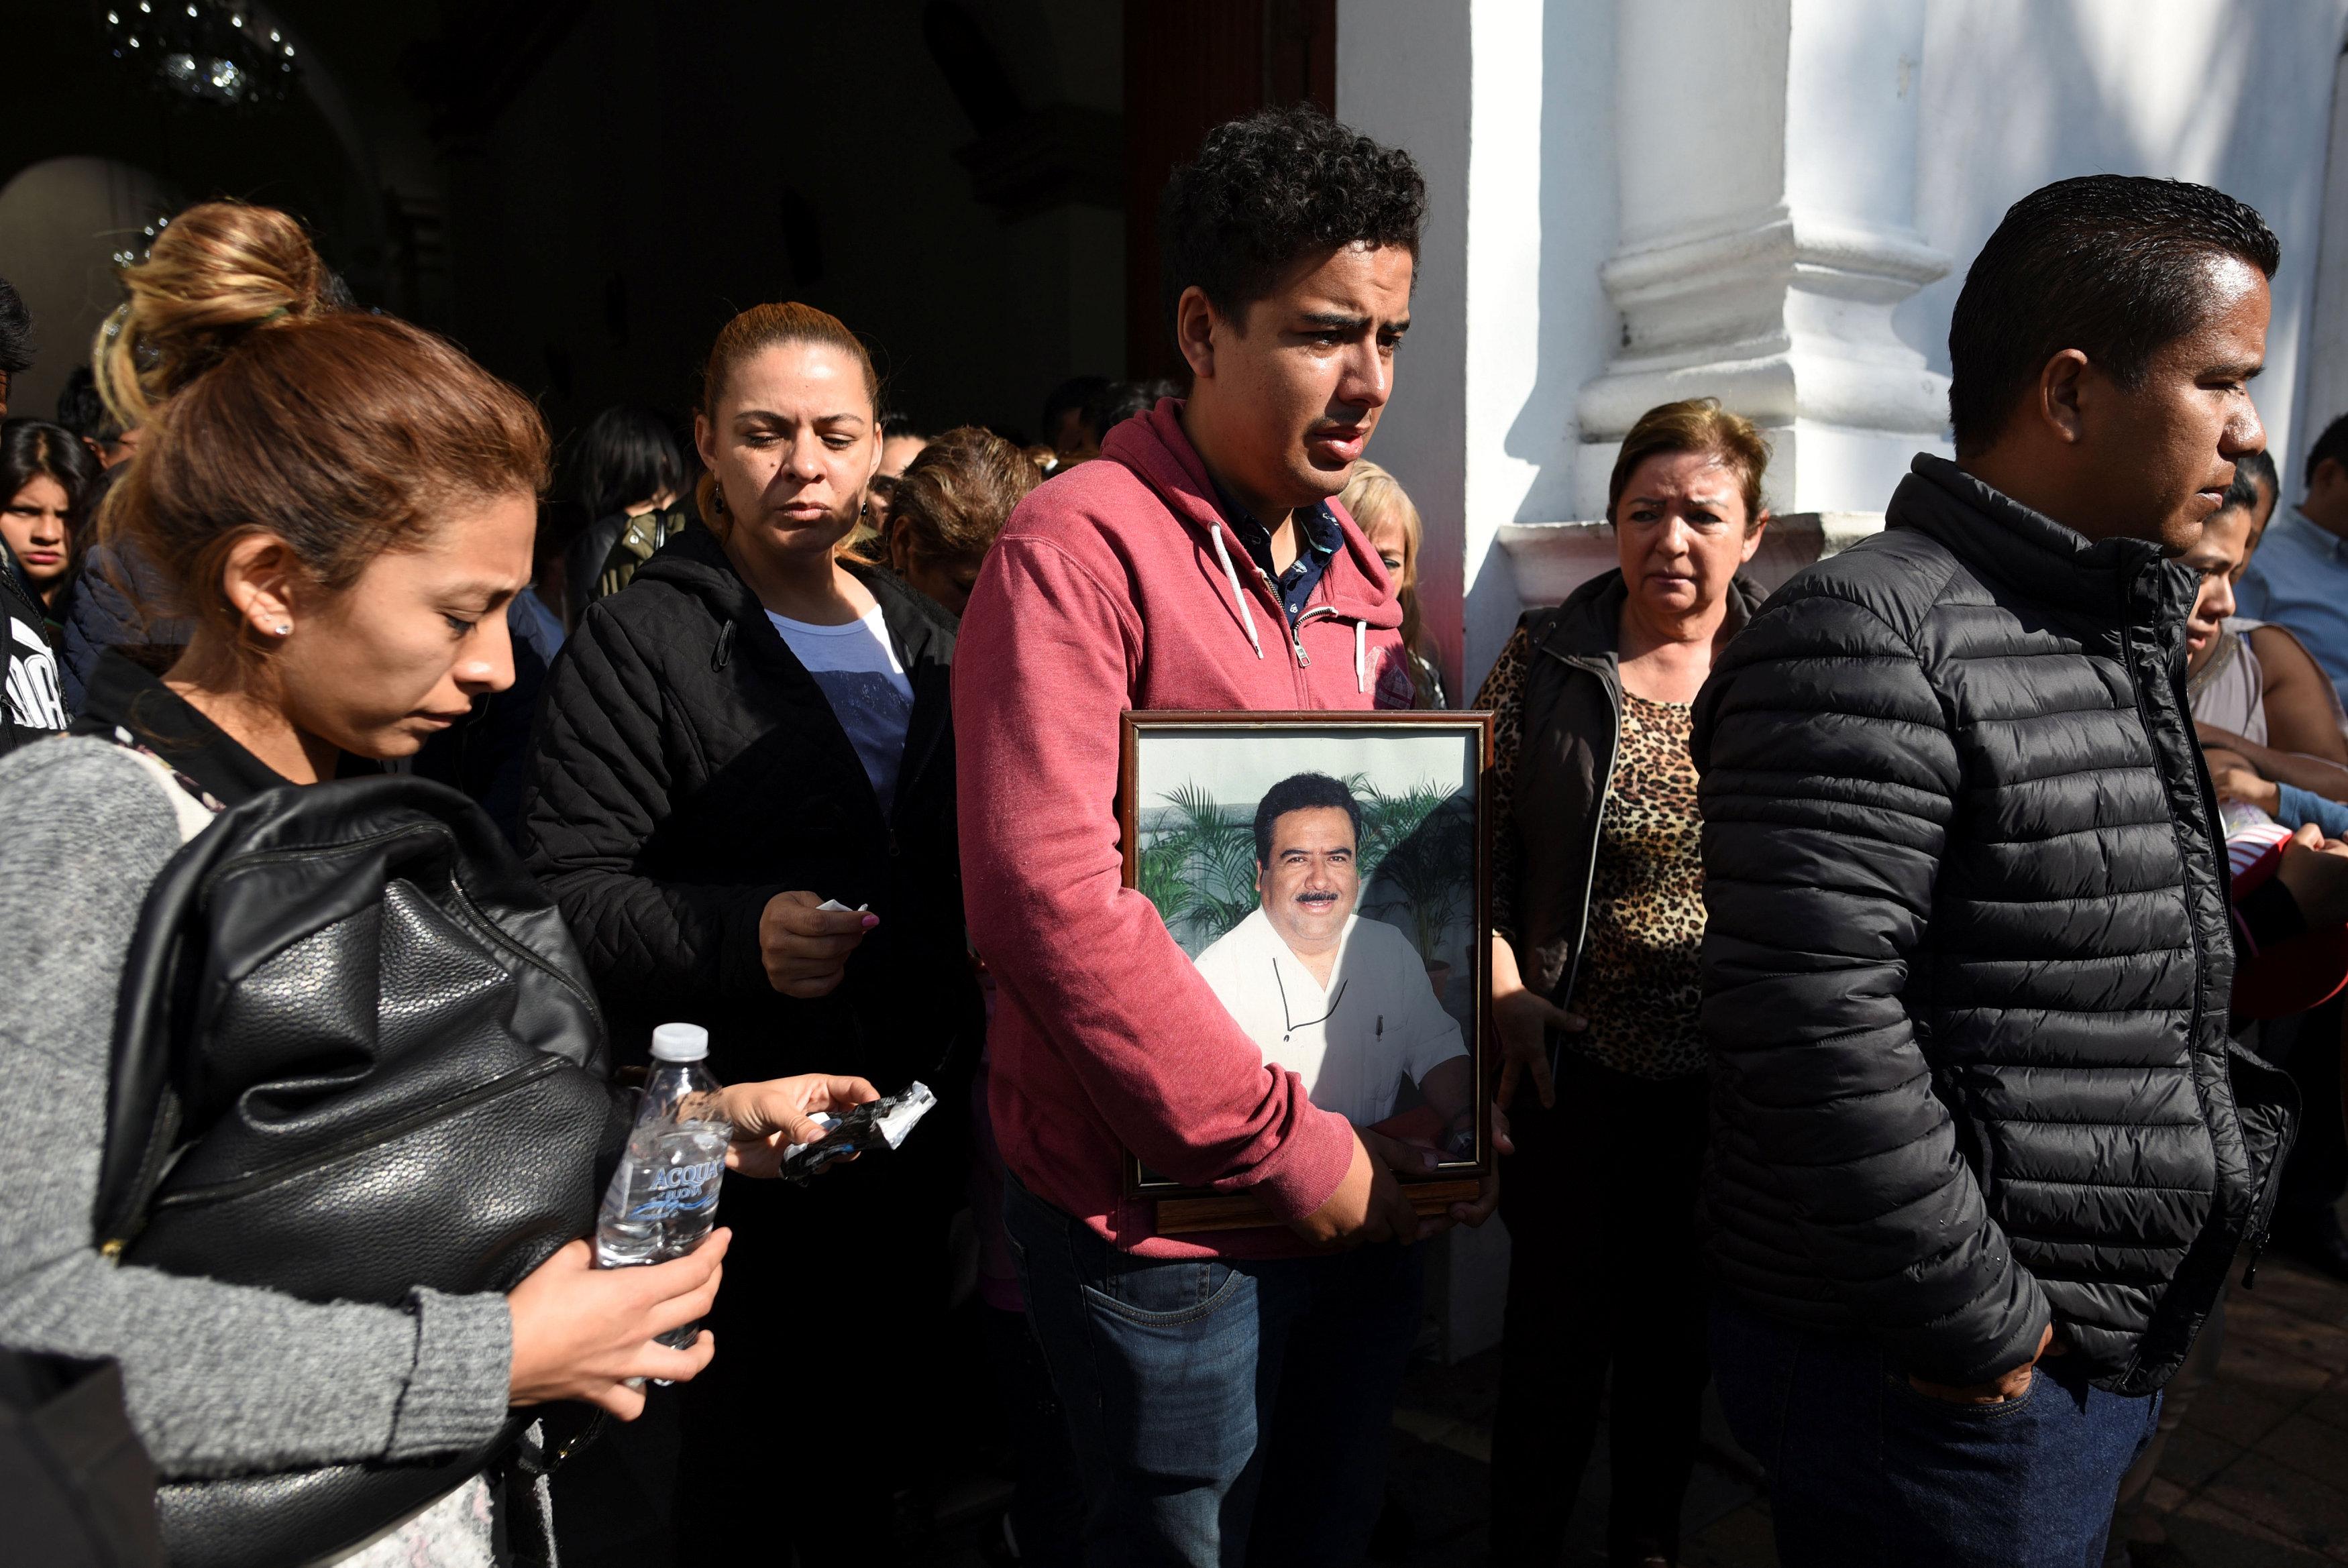 أقارب وأصدقاء ريكاردو أثناء تشييع جنازته